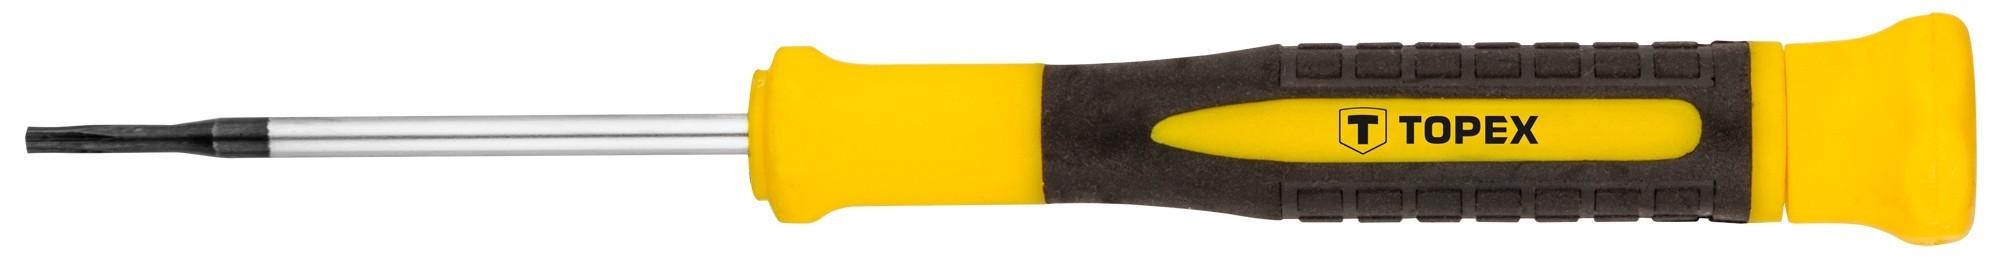 Mûszerész csavarhúzó T8 x 135 mm | TOPEX 39D778